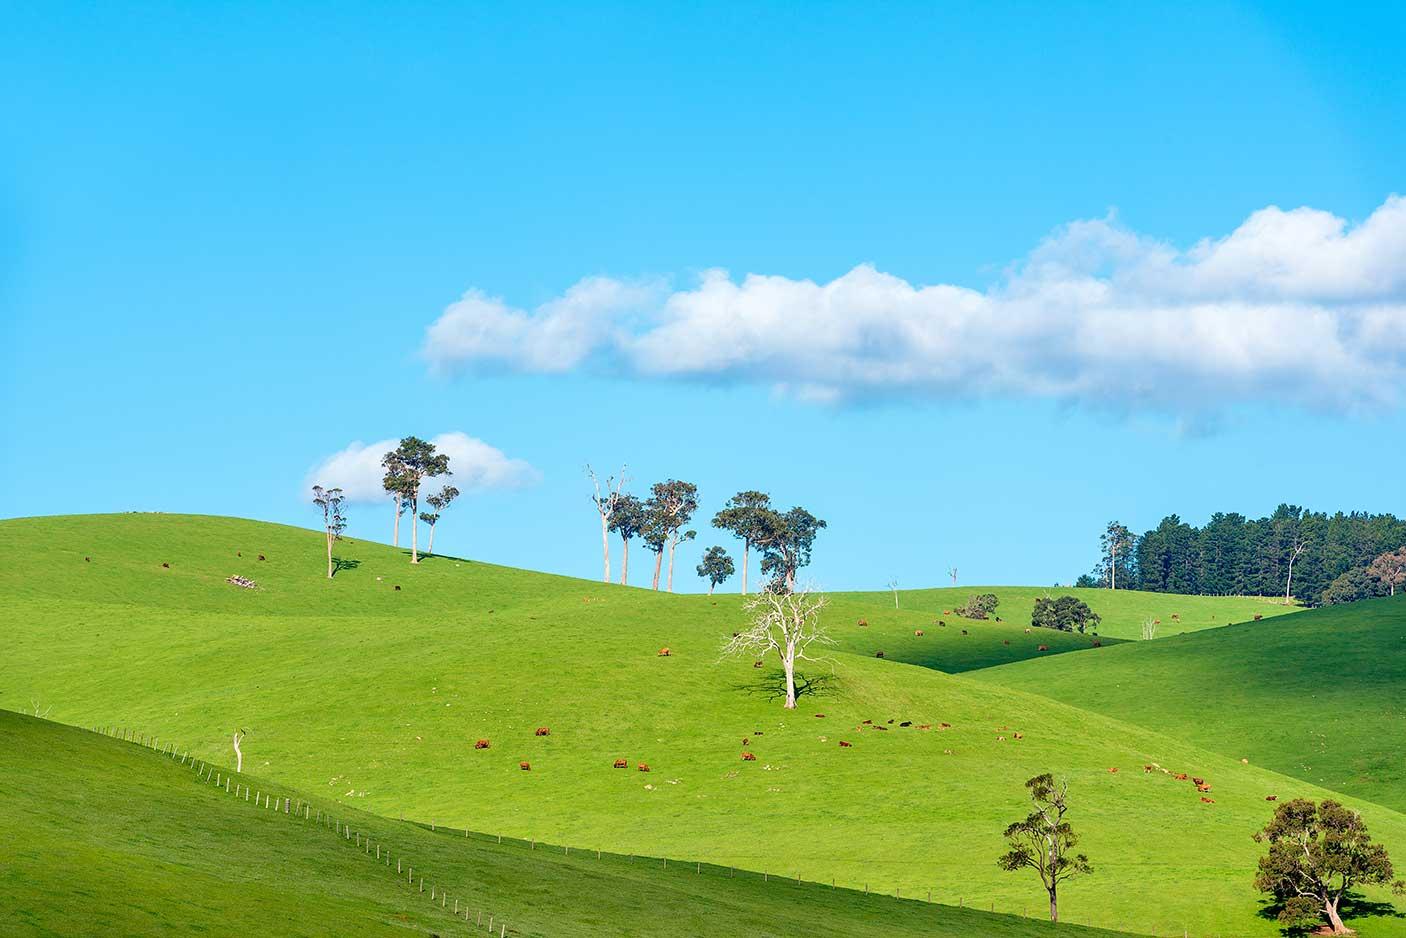 Lush green farmland hills in the south west of Western Australia